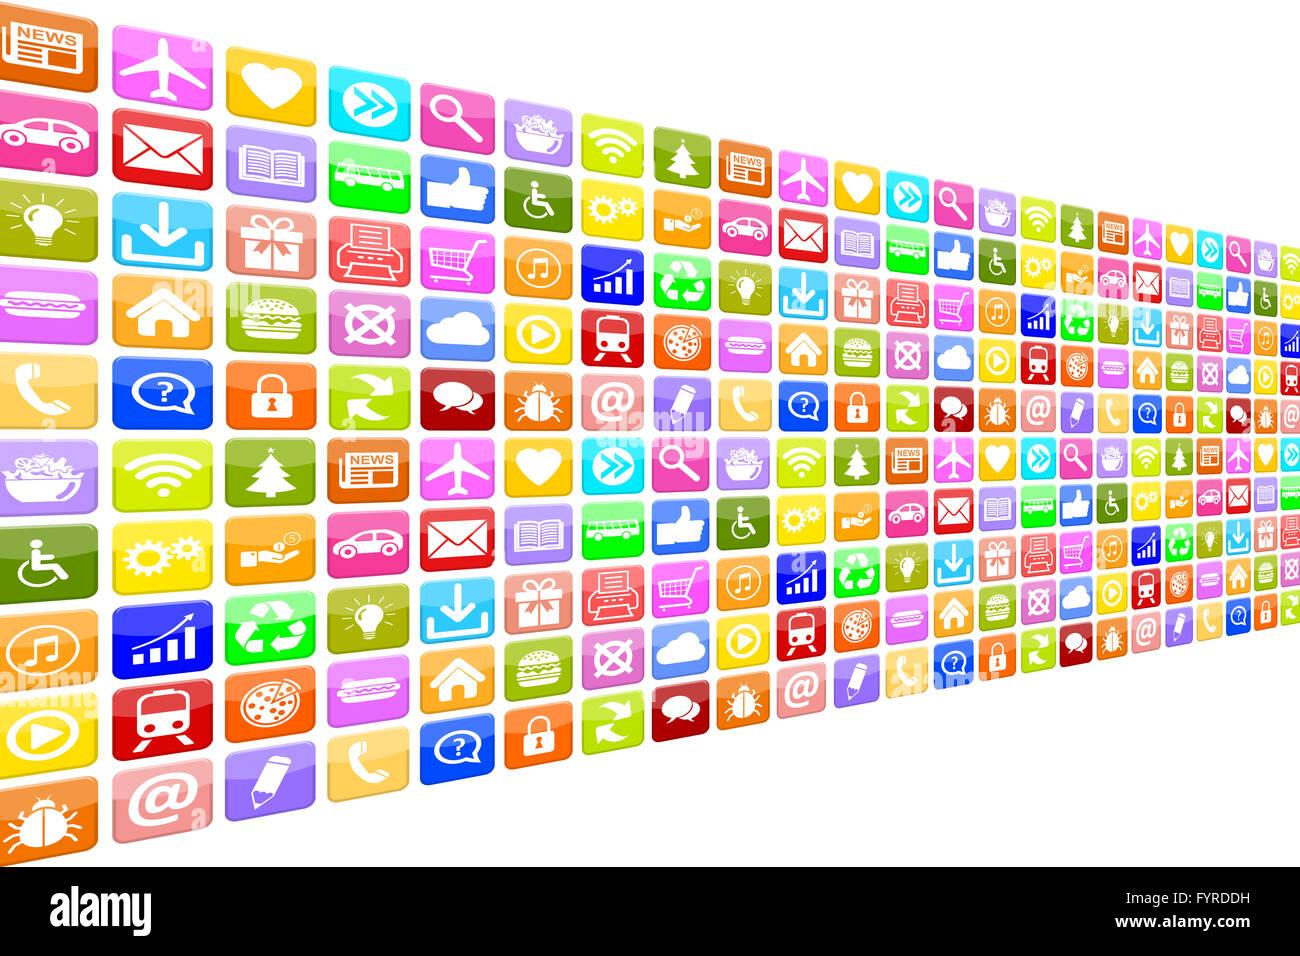 Aplicaciones Aplicaciones App Icon Set iconos für Handy oder Smartphone Imagen De Stock